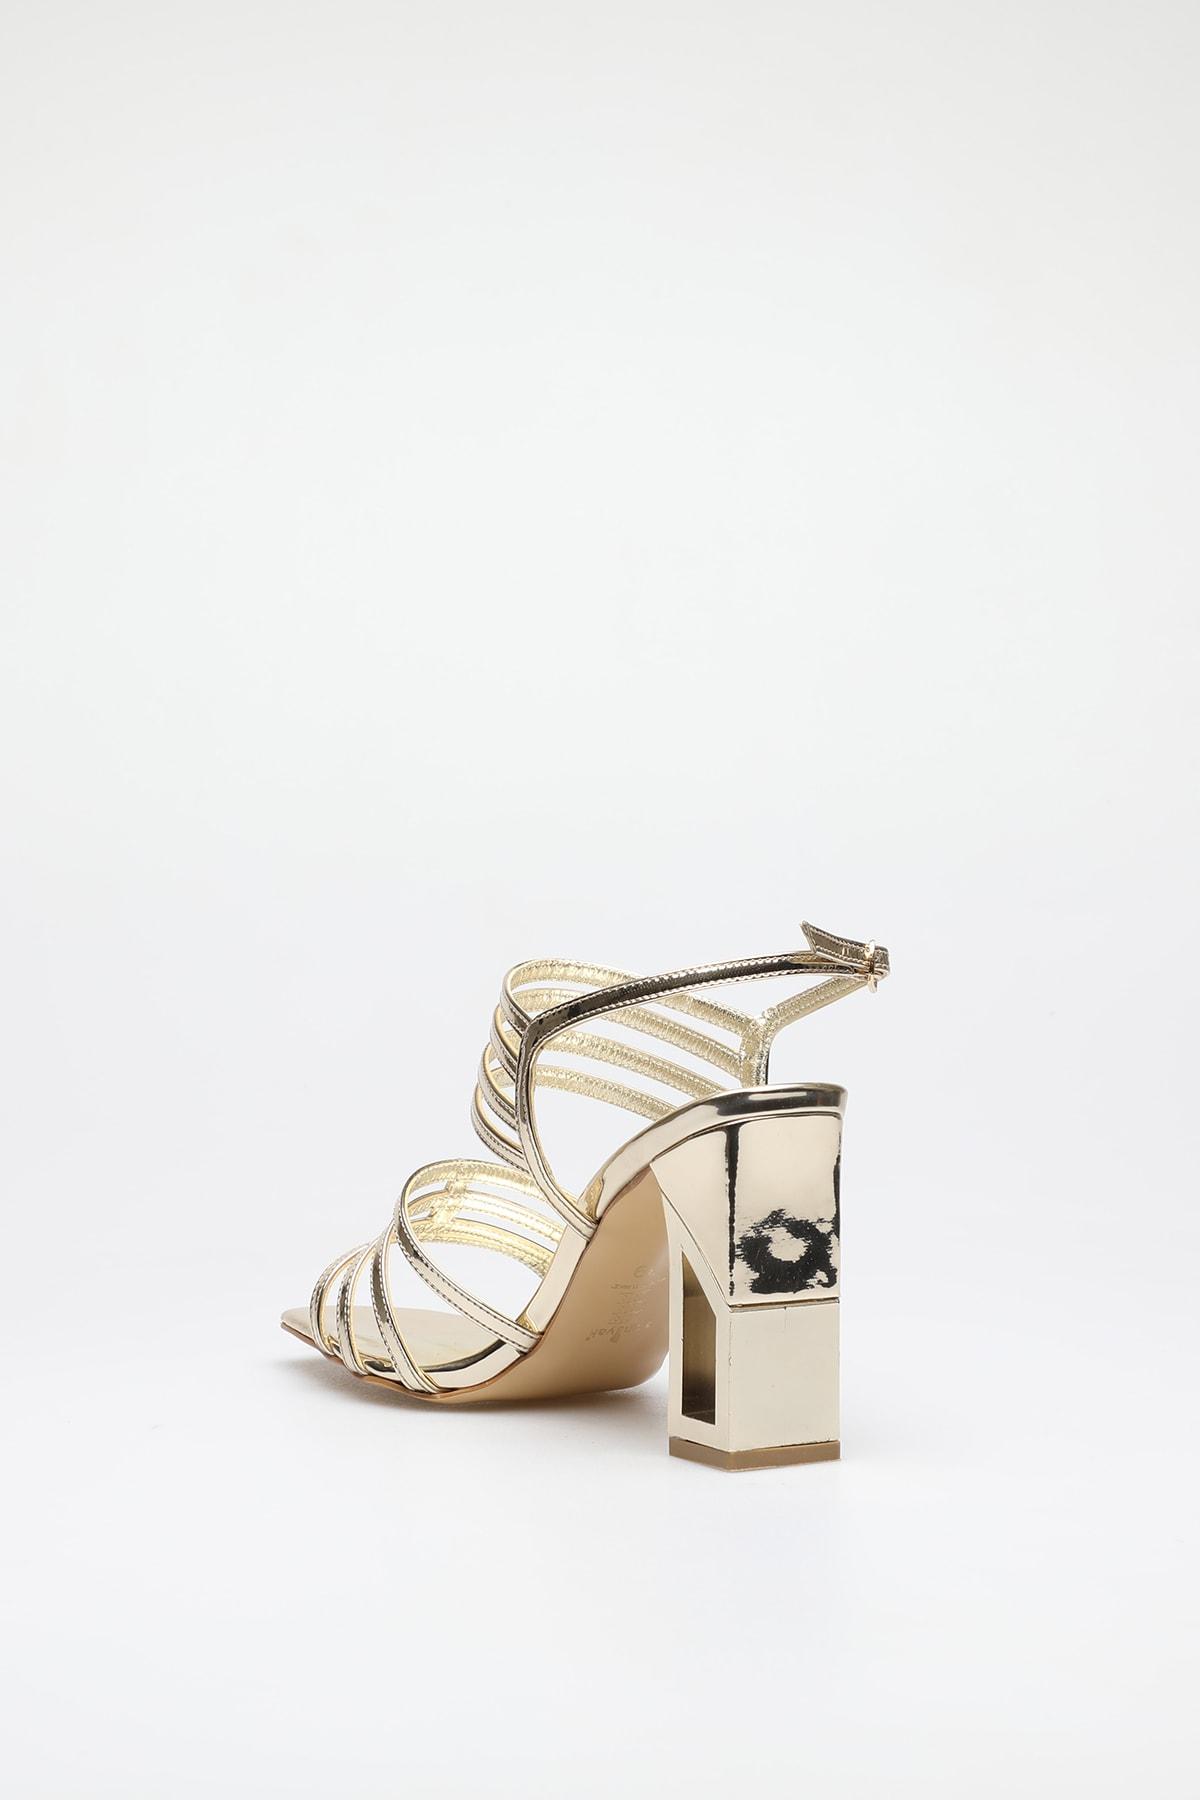 ALTINAYAK Altın Kadın Abiye Ayakkabı 339.002001 3